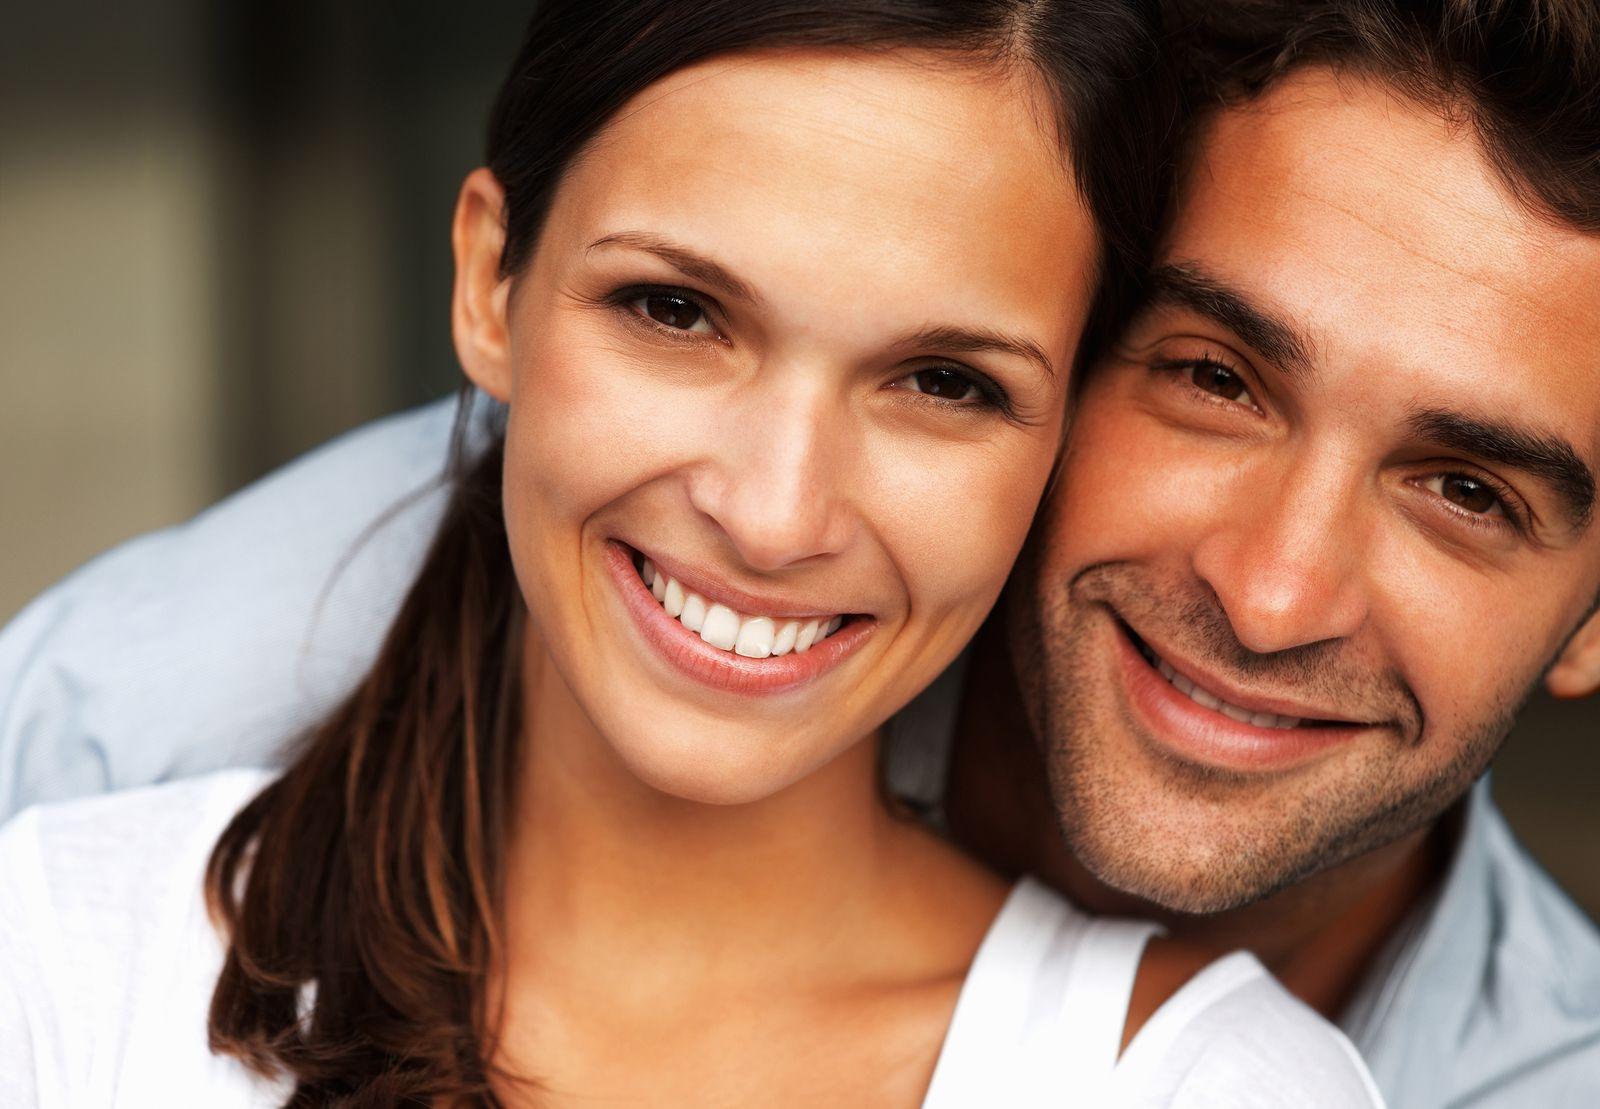 Dating advice for men blog wordpress